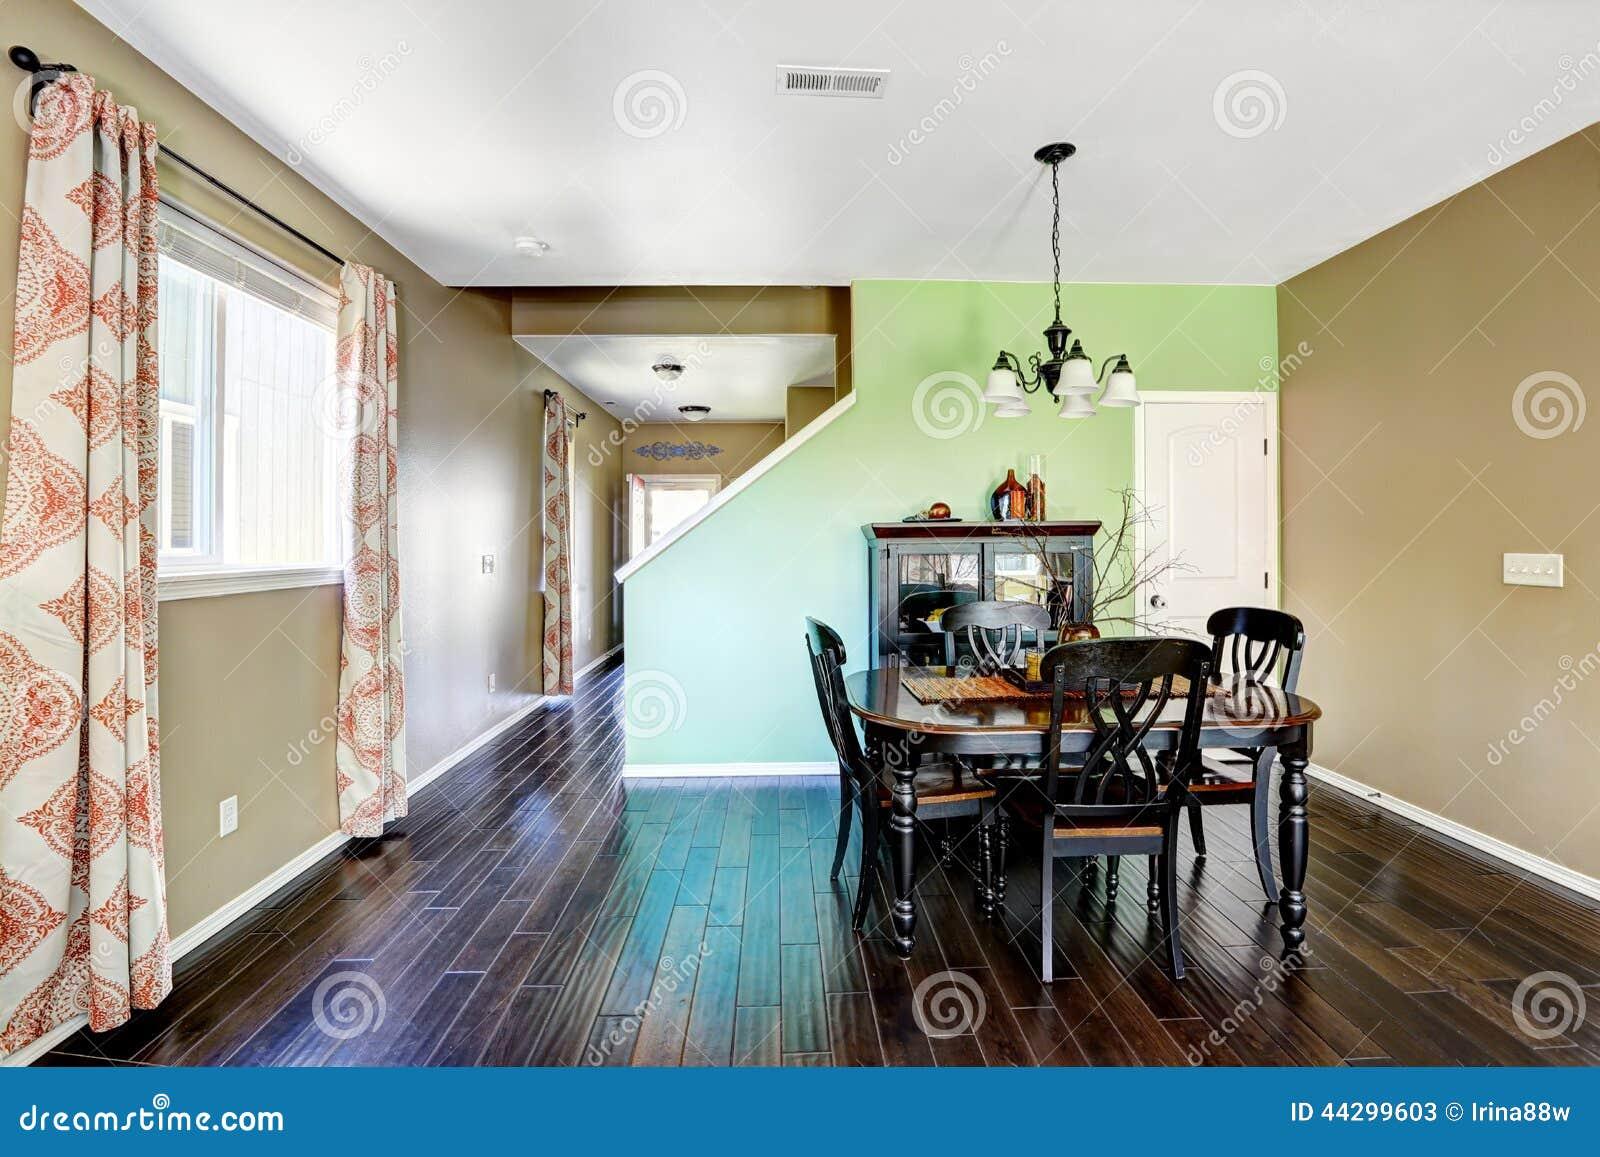 有米黄和绿色墙壁的餐厅图片